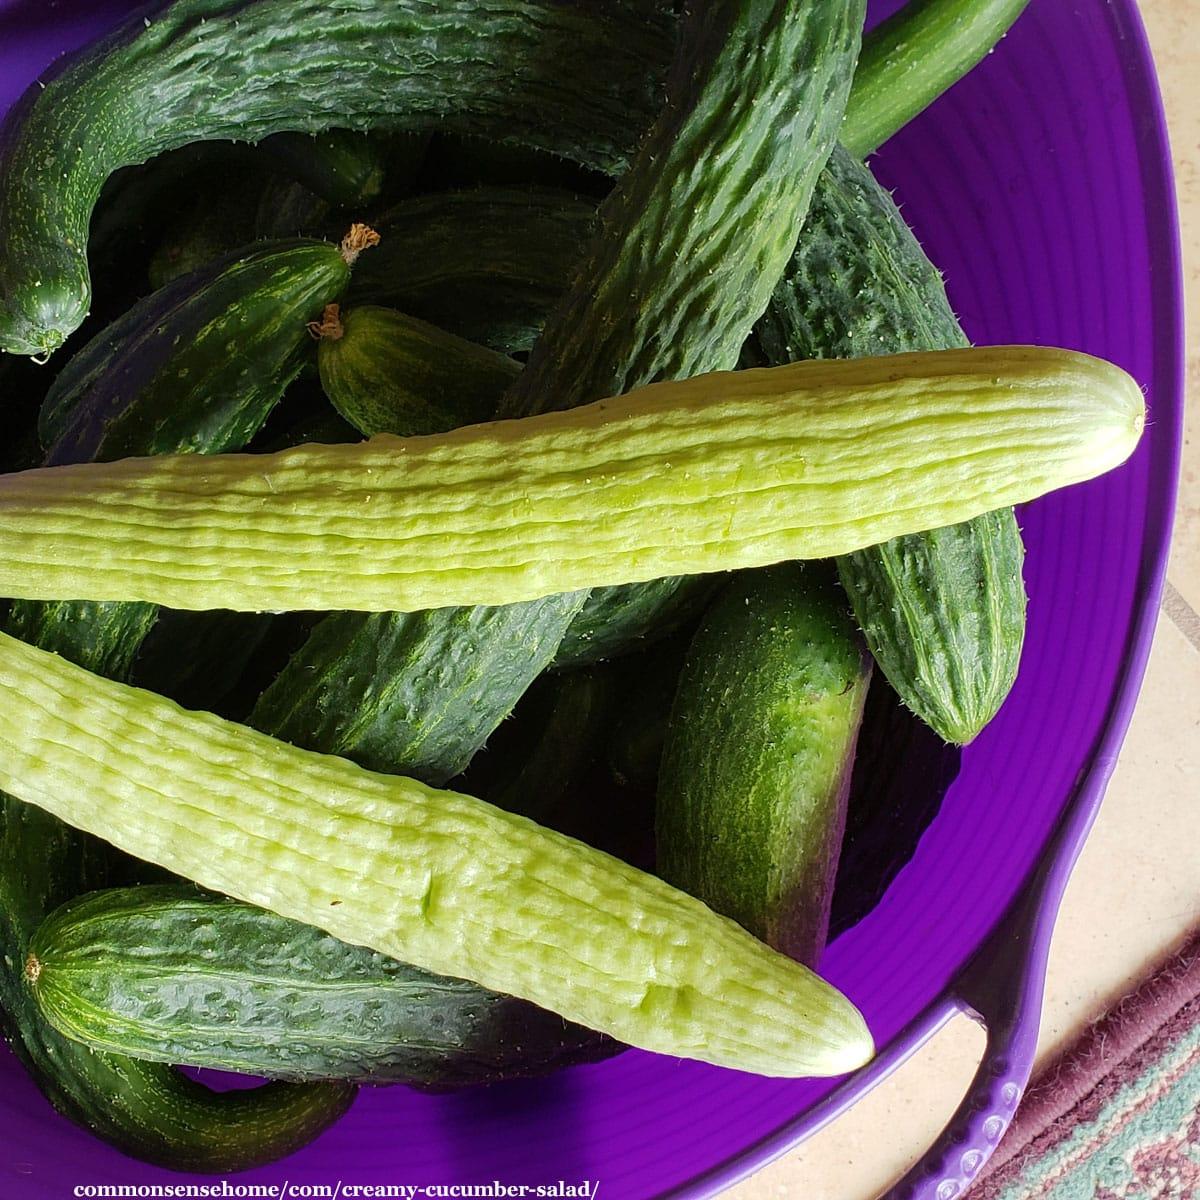 cucumbers in a bin